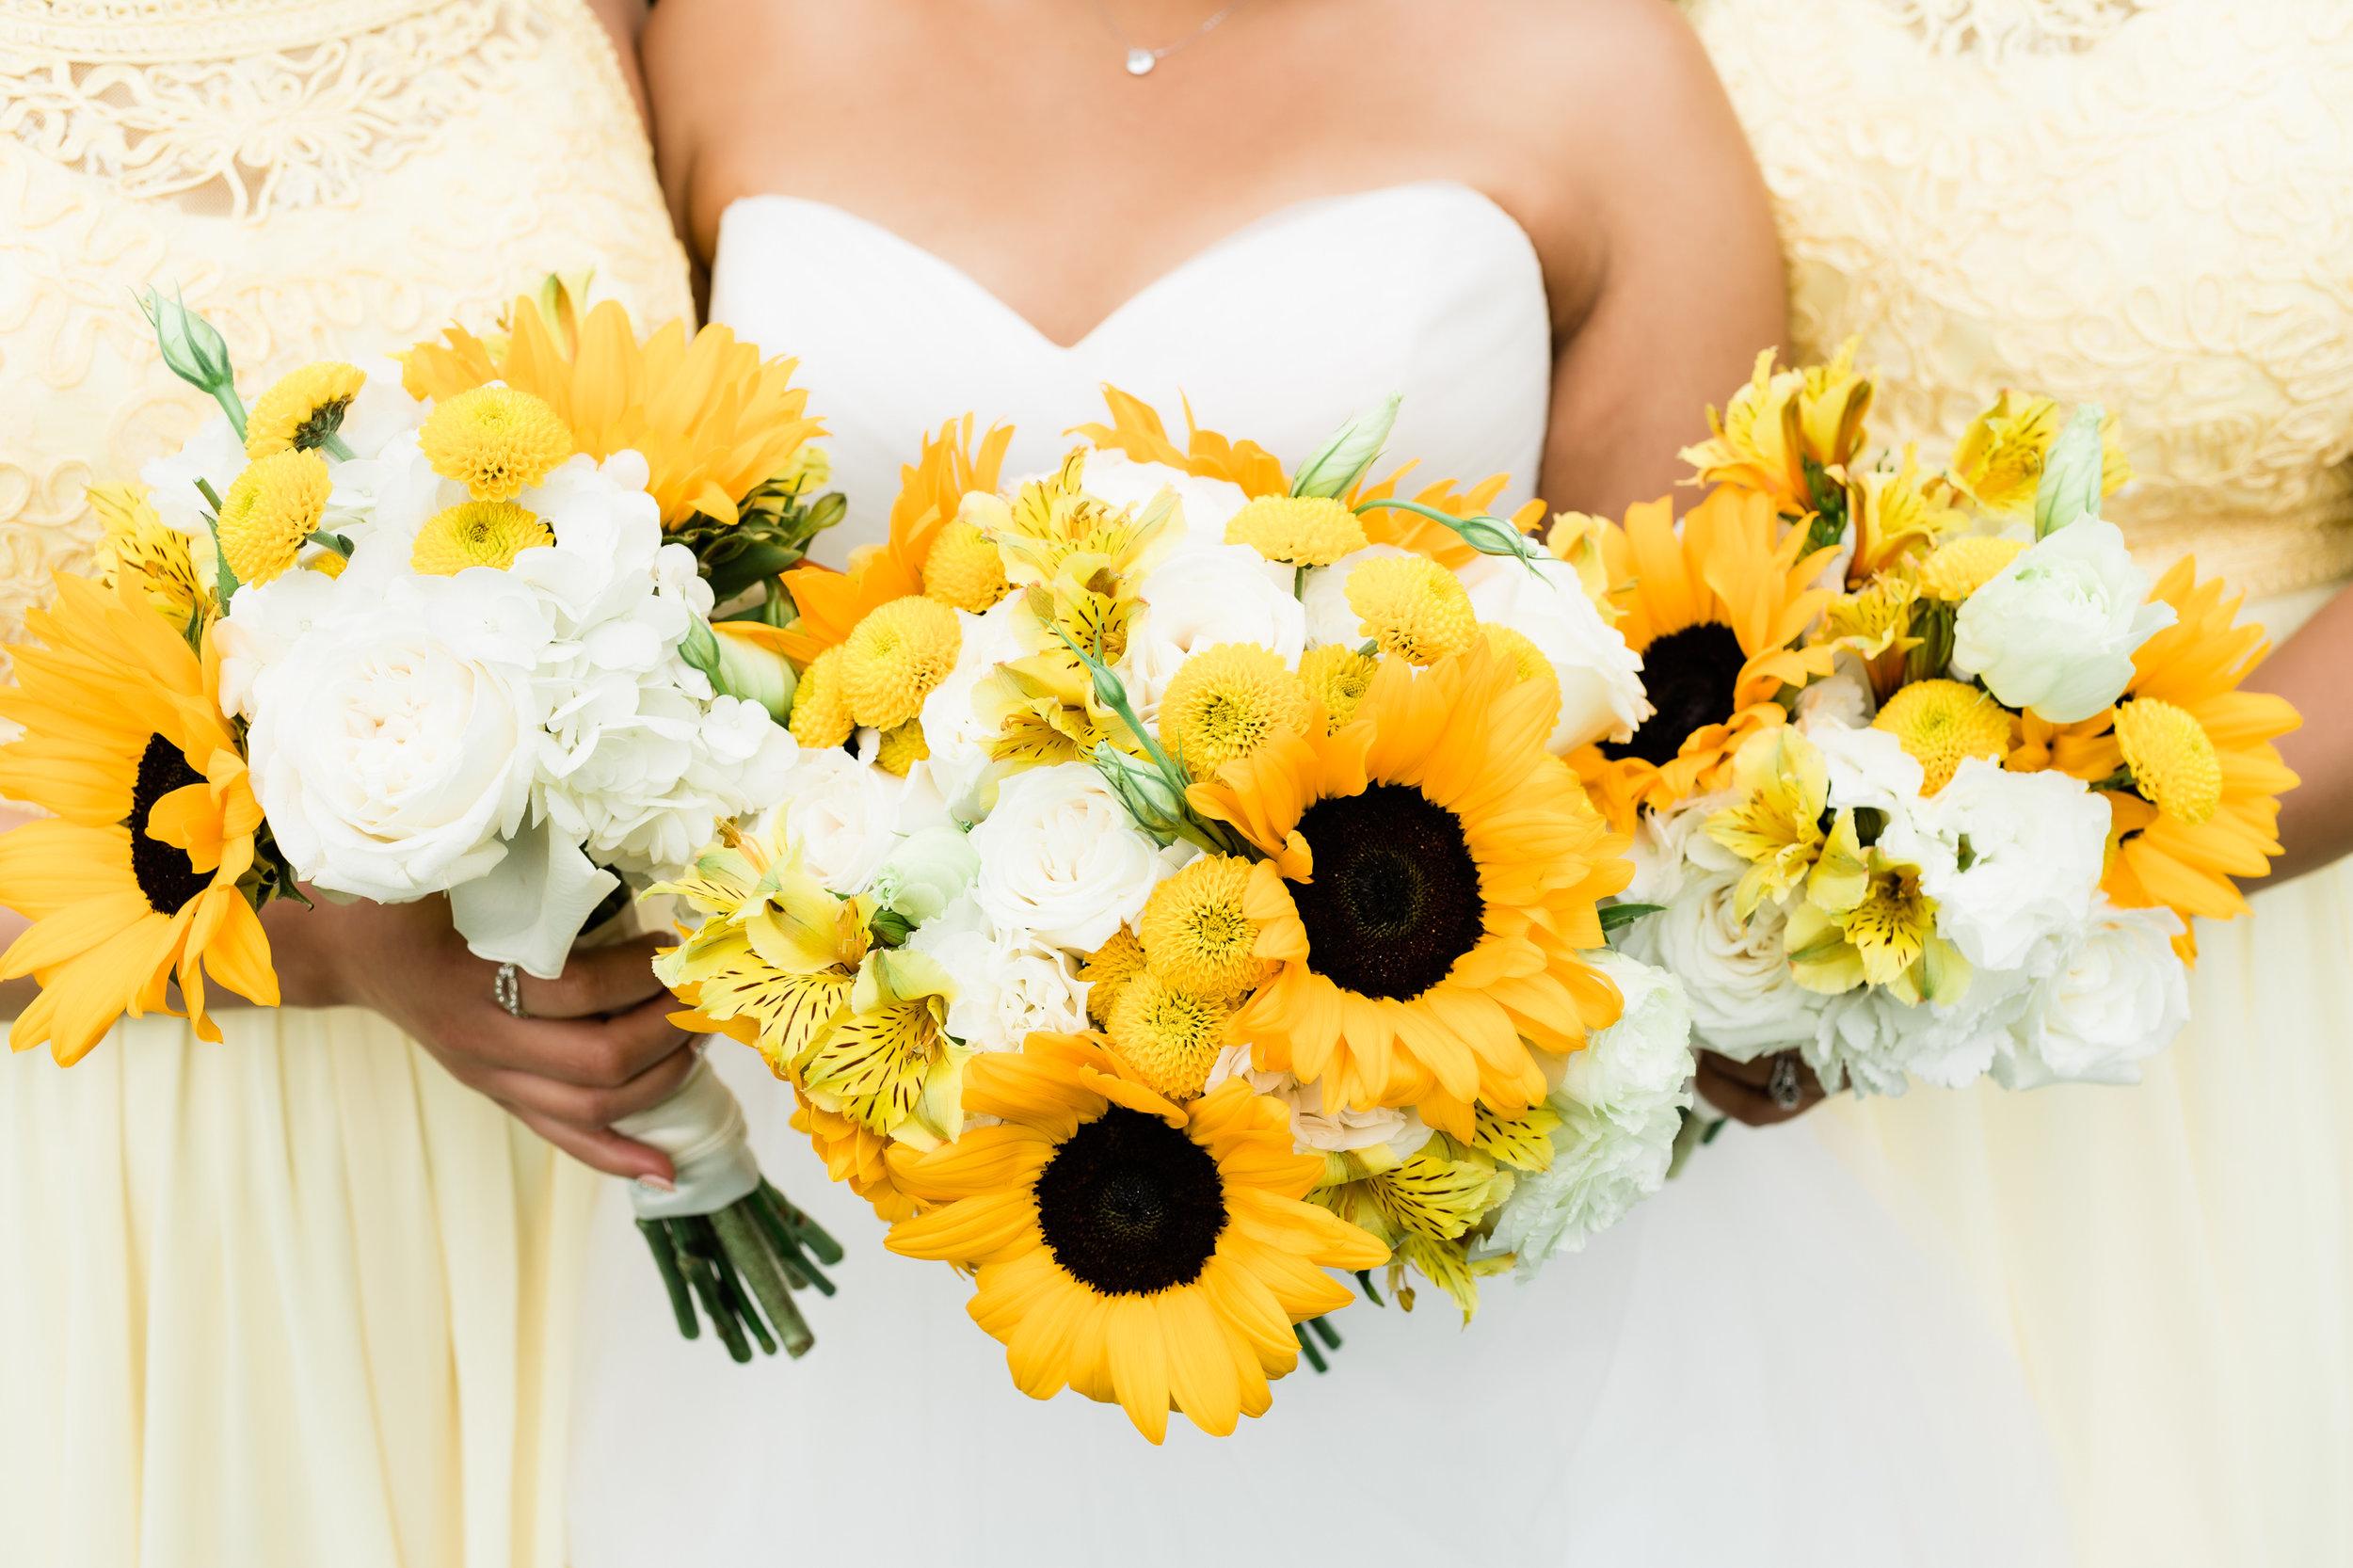 05_20_18_Moctezuma_Wedding_0719-Edit.jpg